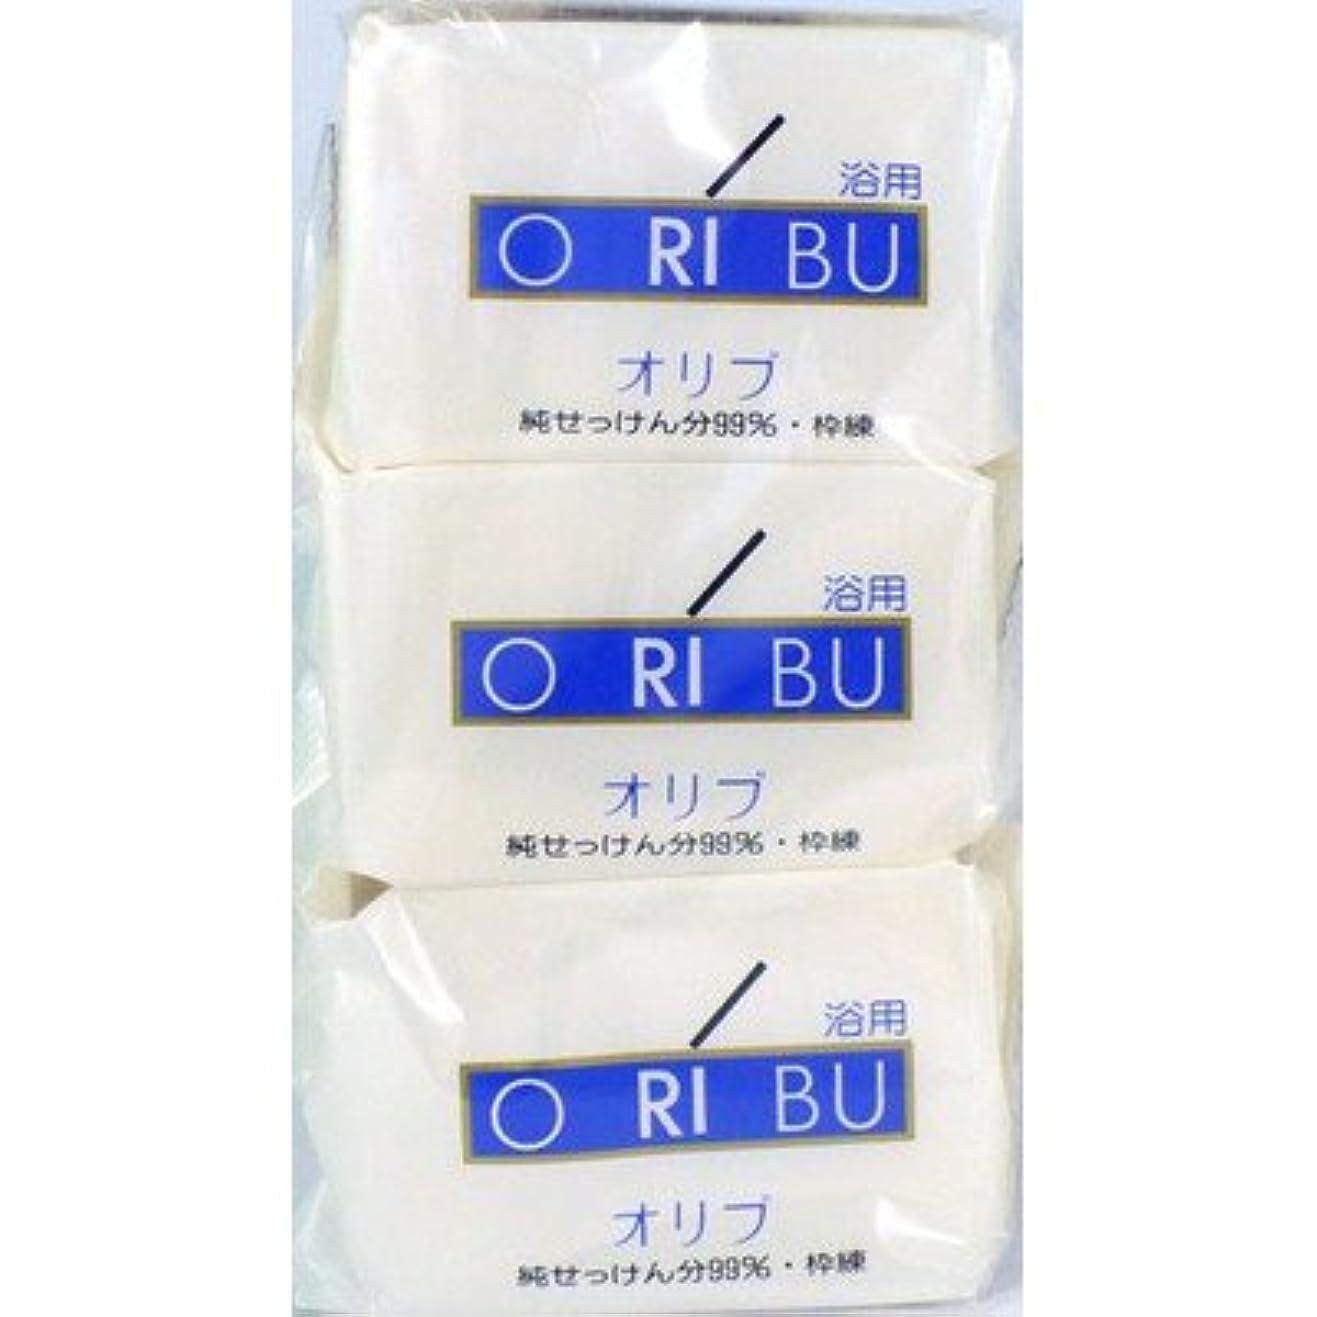 弁護士電報組み立てる暁石鹸 ORIBU オリブ 浴用石鹸 110g 3個入り